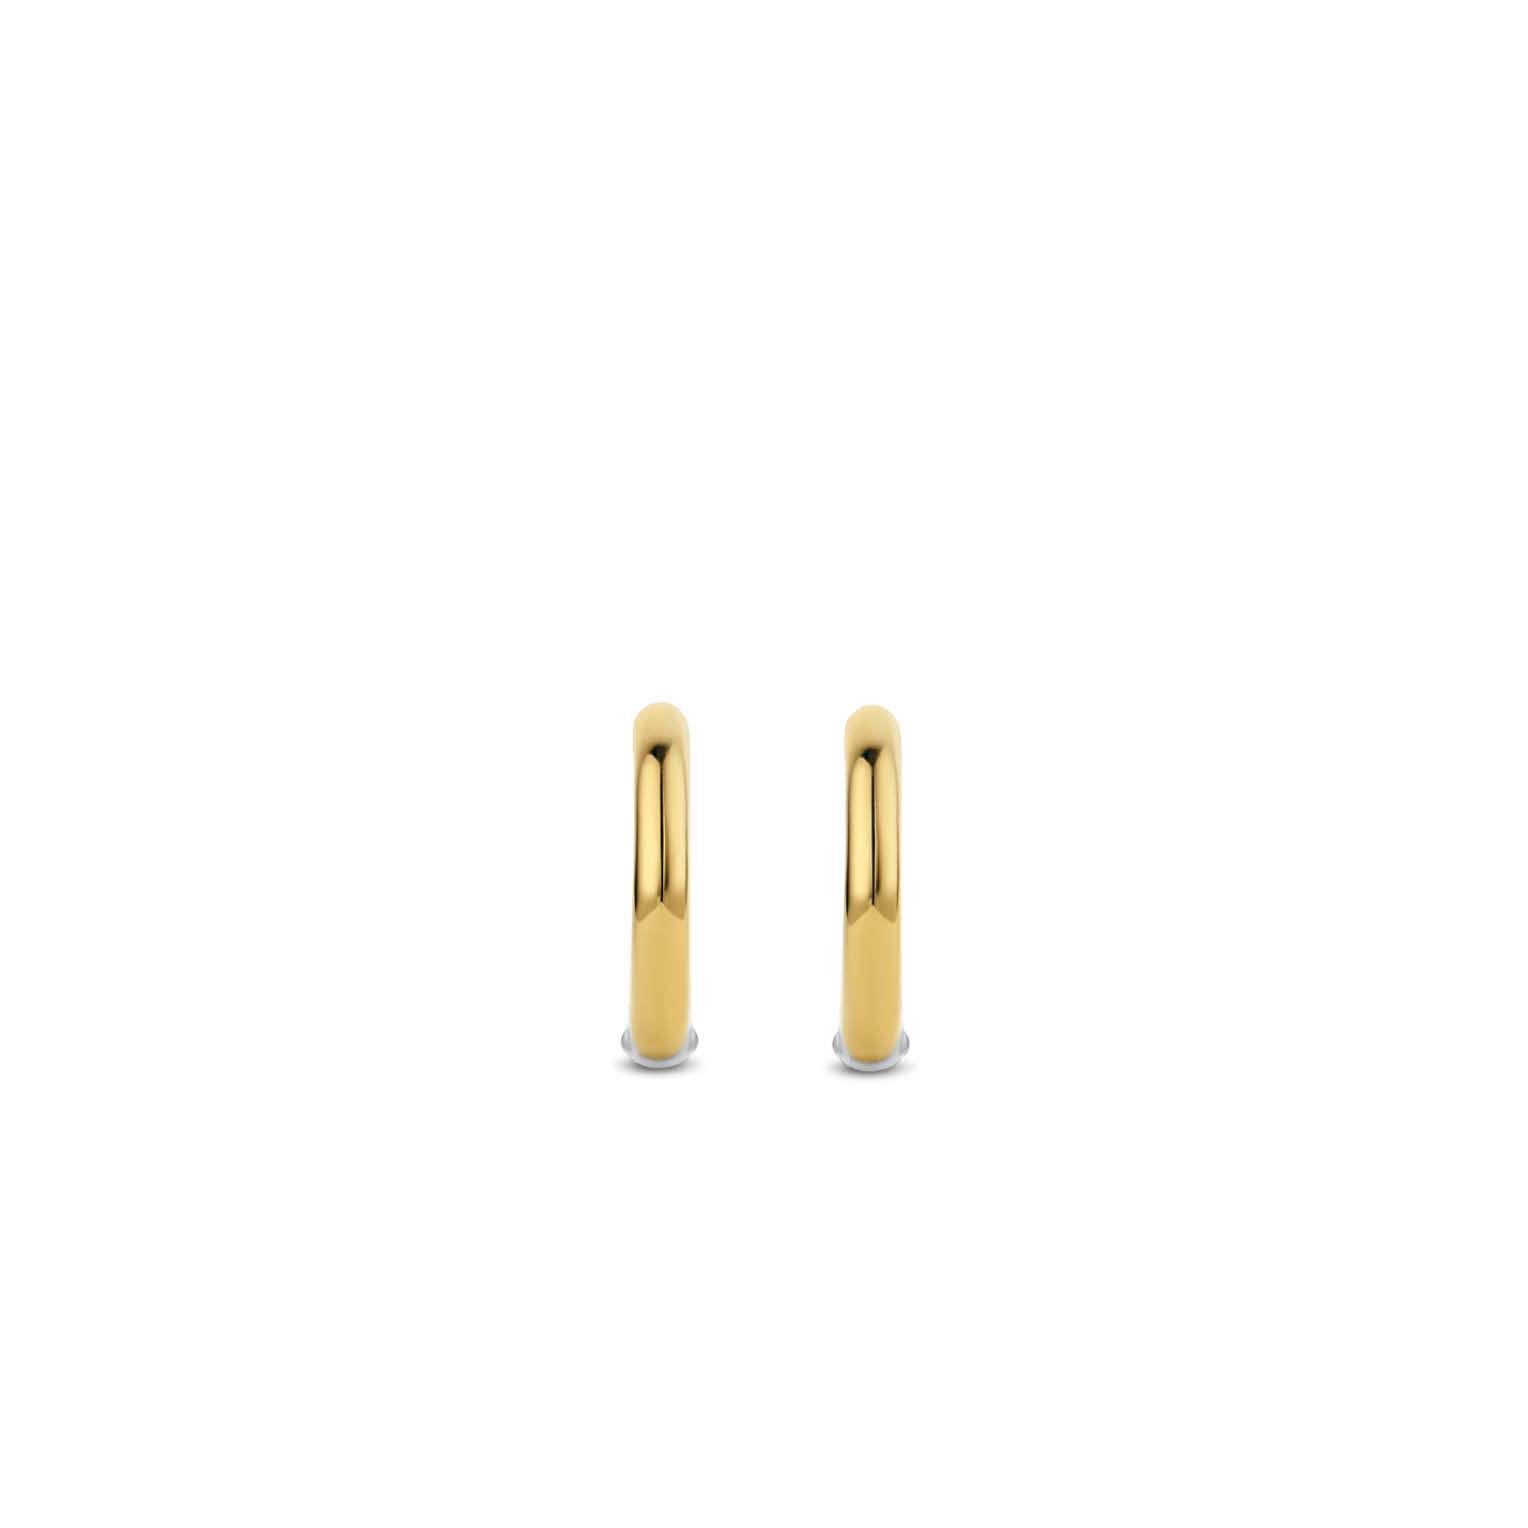 TI SENTO - Milano Earrings 7812SY-2